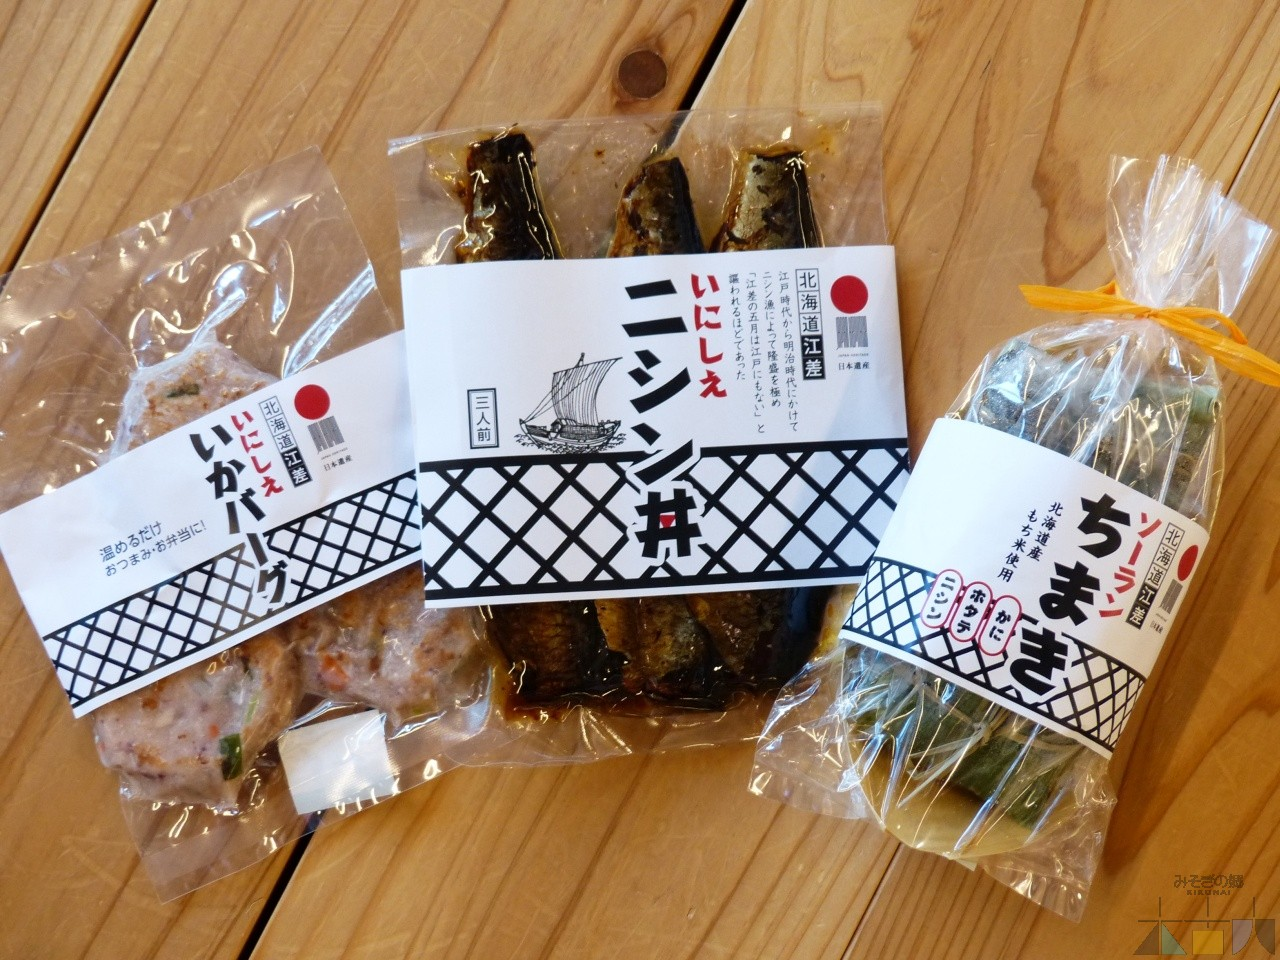 【江差町】チャイニーズレストラン美華の「いにしえニシン丼」他 入荷!